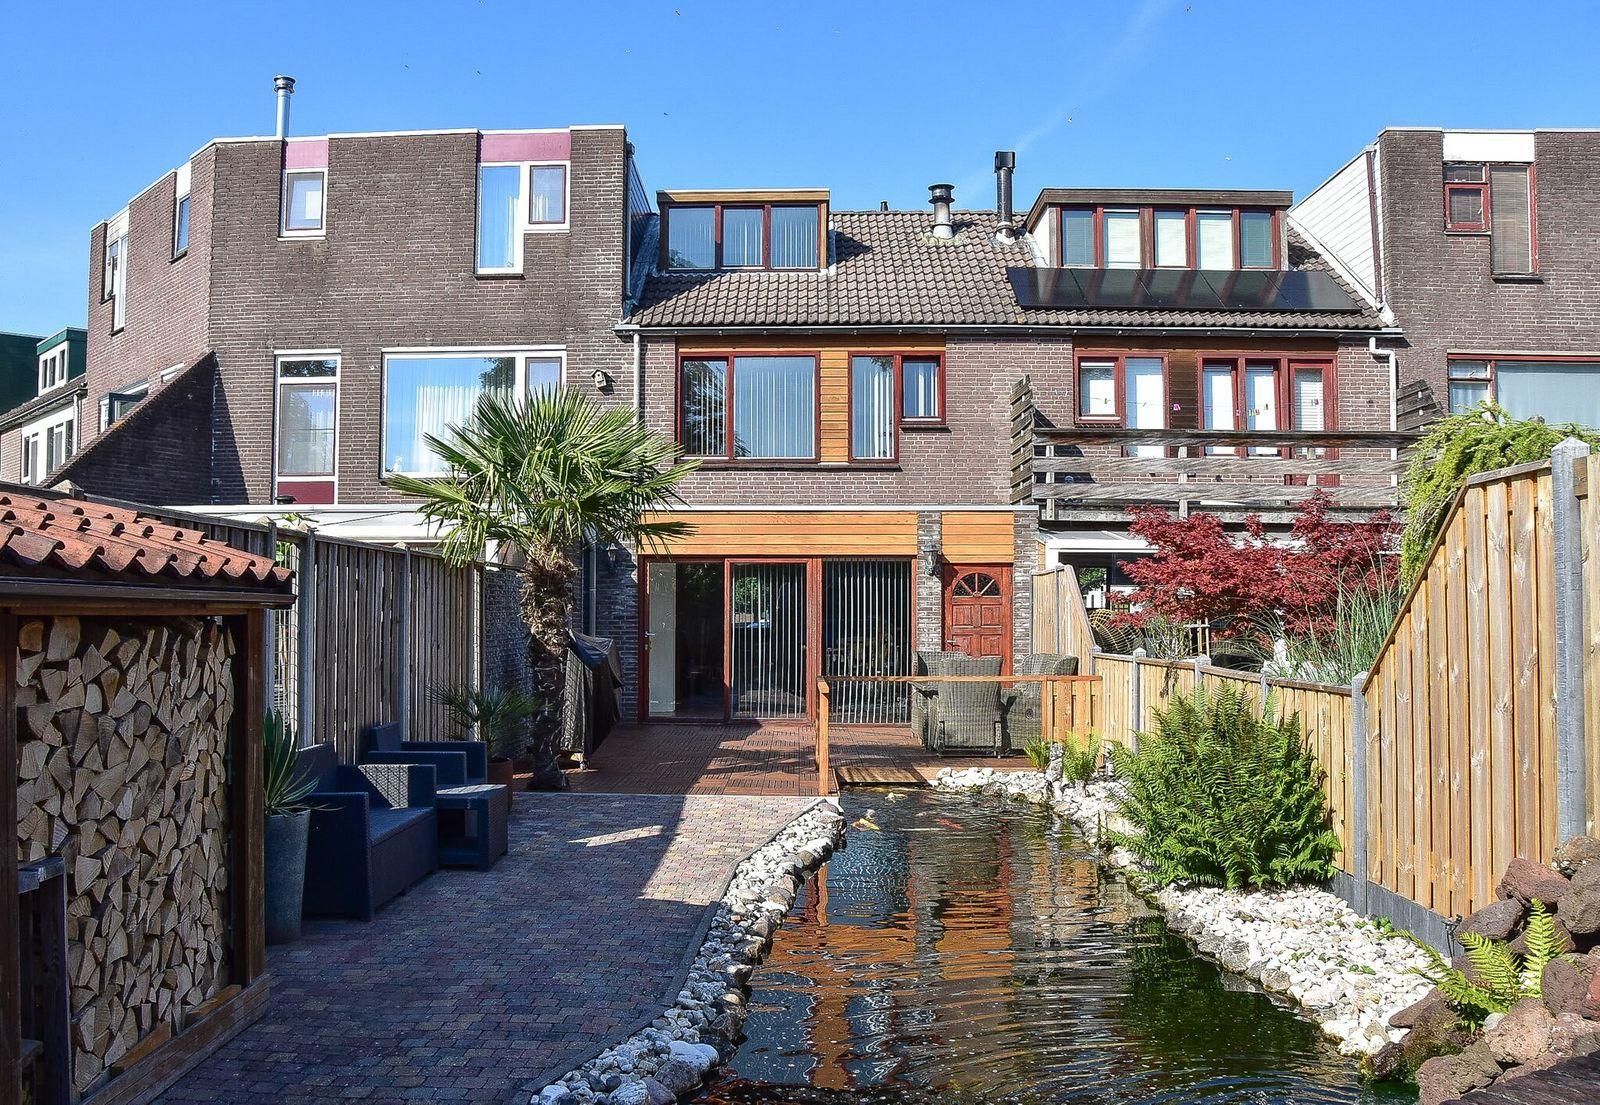 Rozengaard 11 60, Lelystad